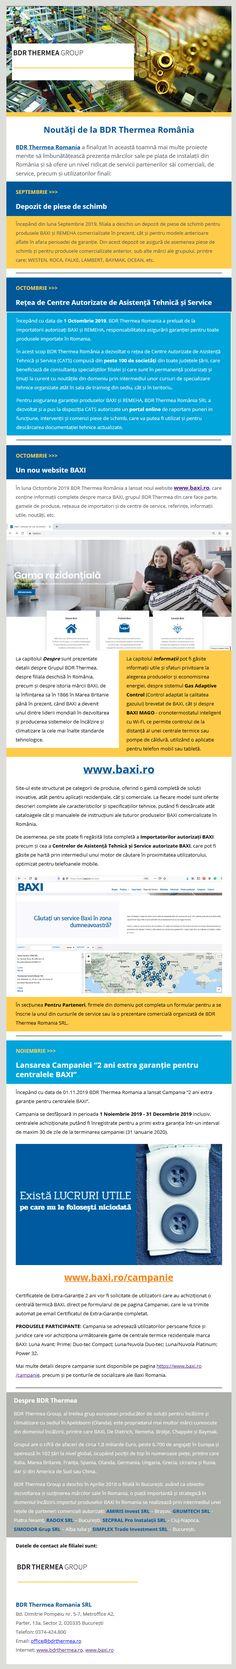 """BDR Thermea Romania a finalizat în această toamnă mai multe proiecte menite să îmbunătățească prezența mărcilor sale pe piața de instalații din România și să ofere un nivel ridicat de servicii partenerilor săi comerciali, de service, precum și utilizatorilor finali: ➡️Depozit de piese de schimb ➡️Rețea de Centre Autorizate de Asistență Tehnică și Service ➡️Un nou website BAXI ➡️Lansarea Campaniei """"2 ani extra garanție pentru centralele BAXI"""" Romania, Web Design, Branding, Construction, Building, Design Web, Brand Management, Identity Branding, Website Designs"""